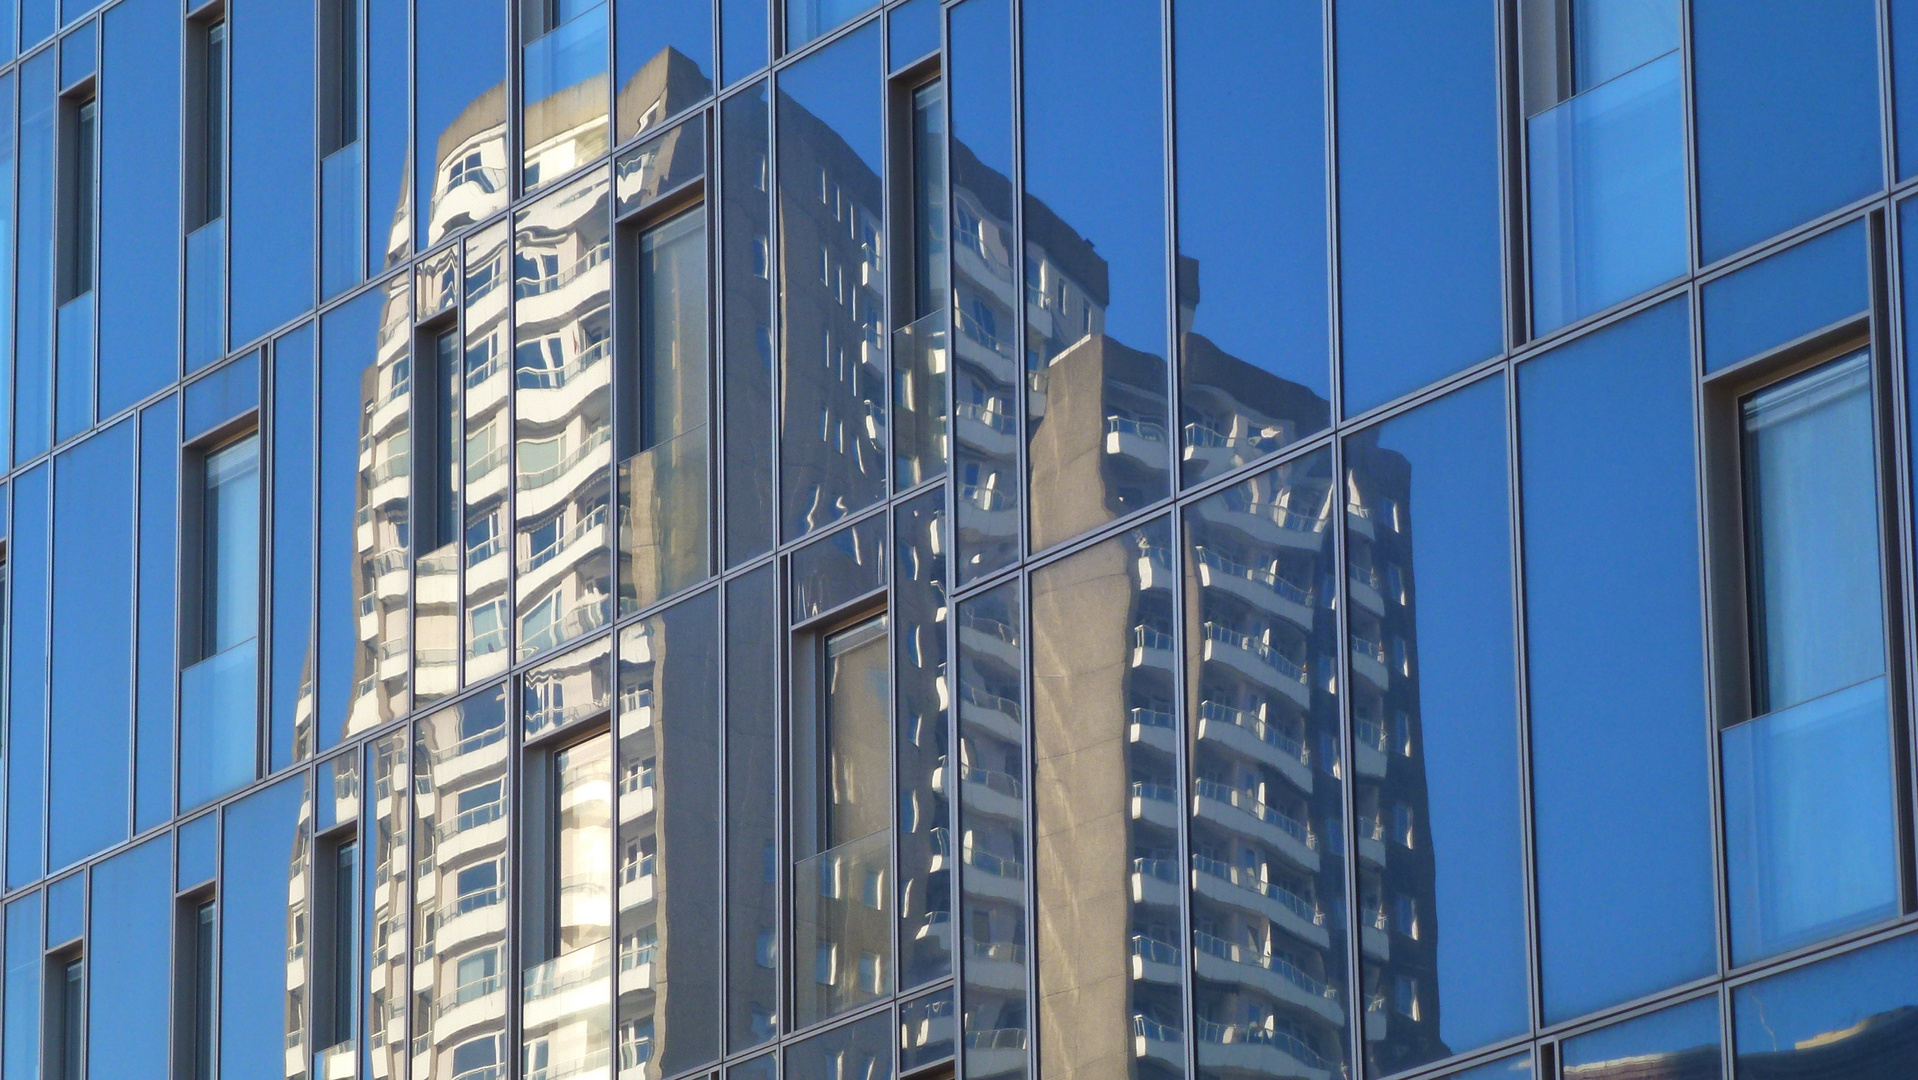 Neuer Glasturm am Fischmarkt